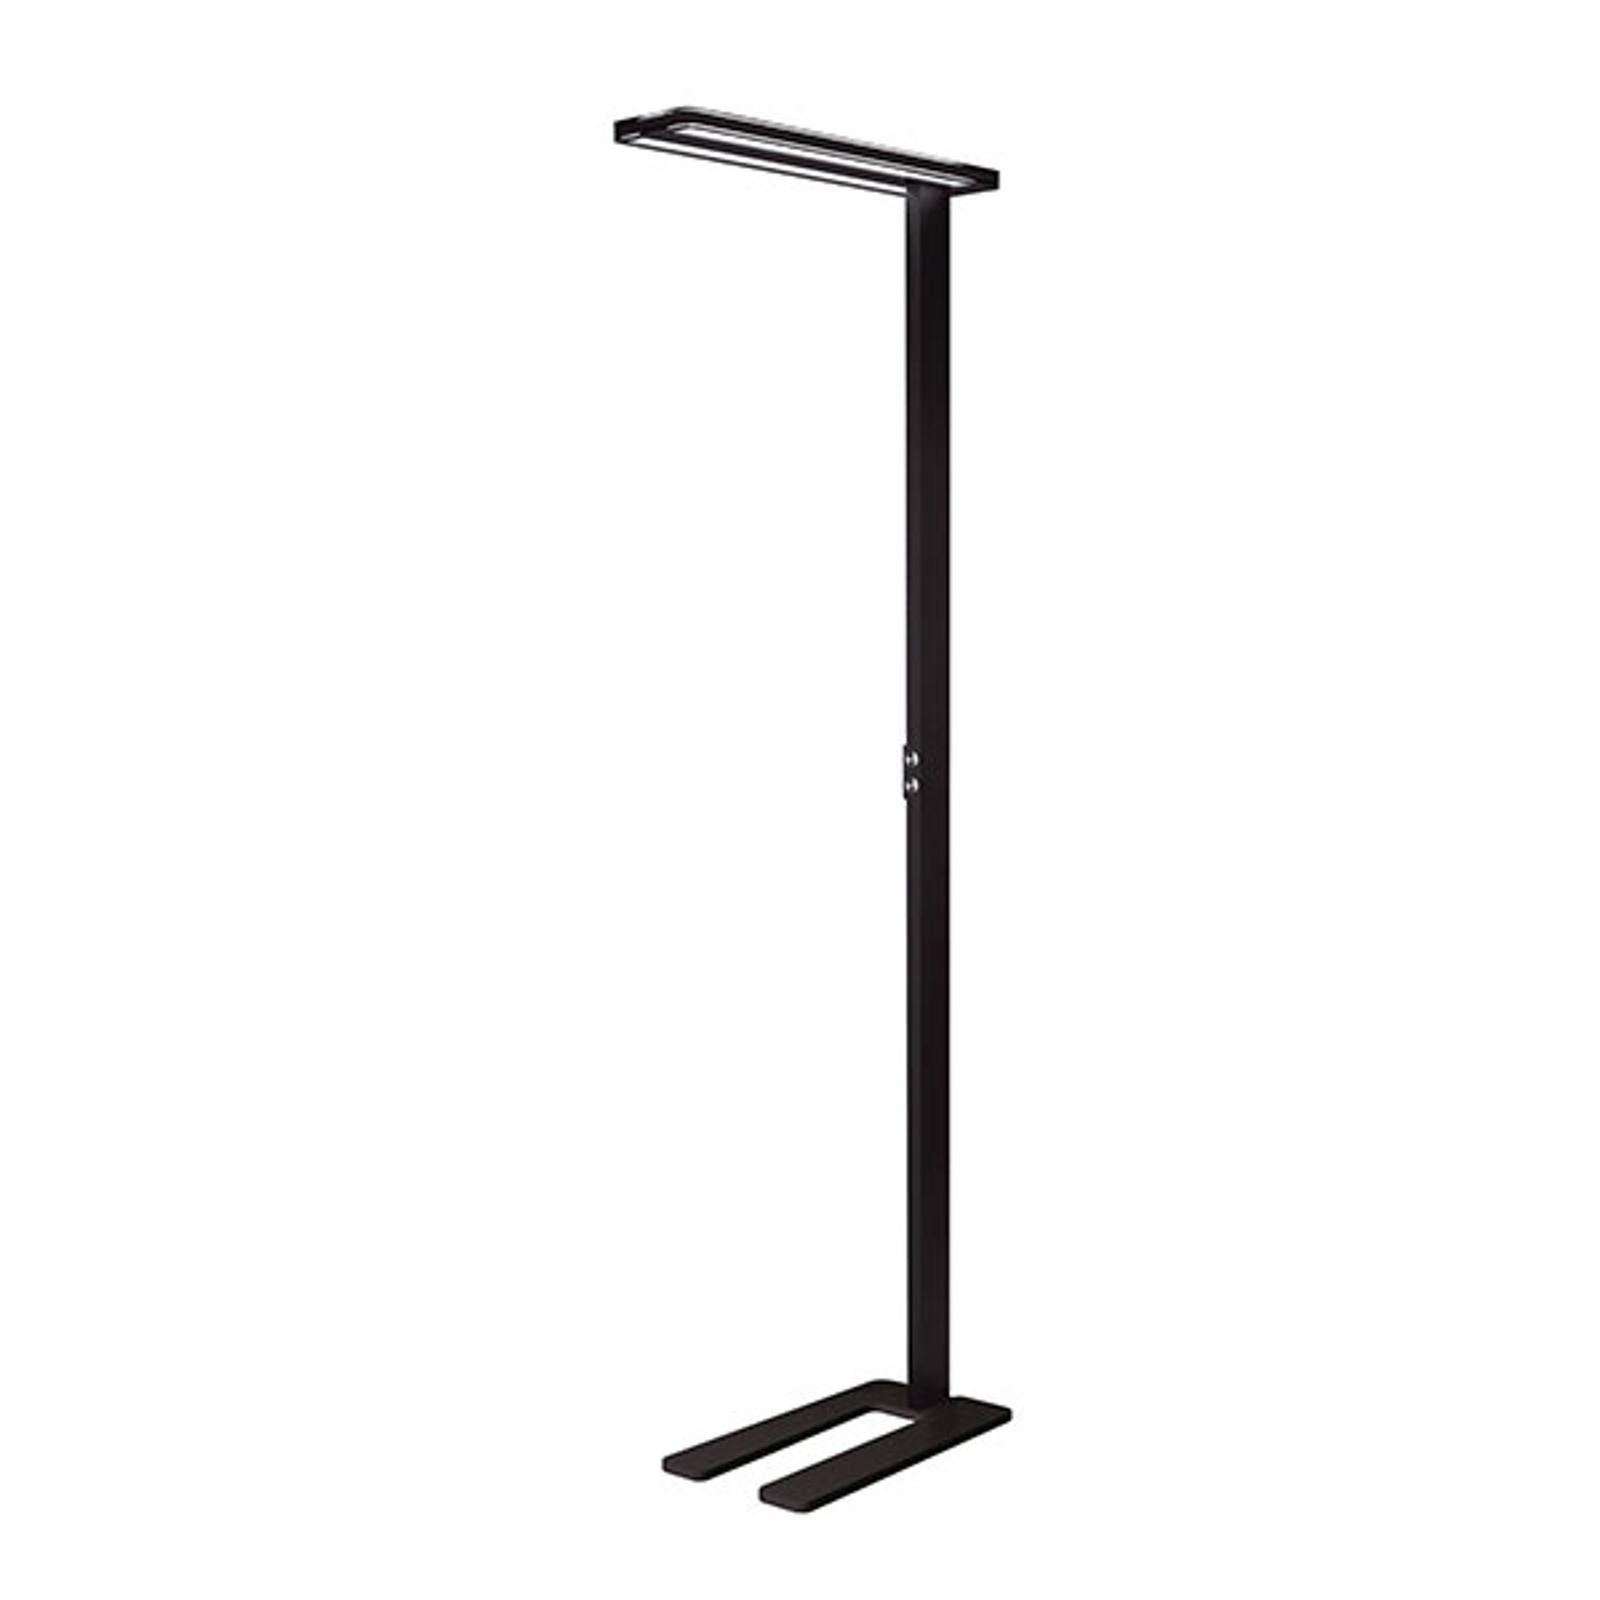 LED vloerlamp Trentino II met sensor, zwart